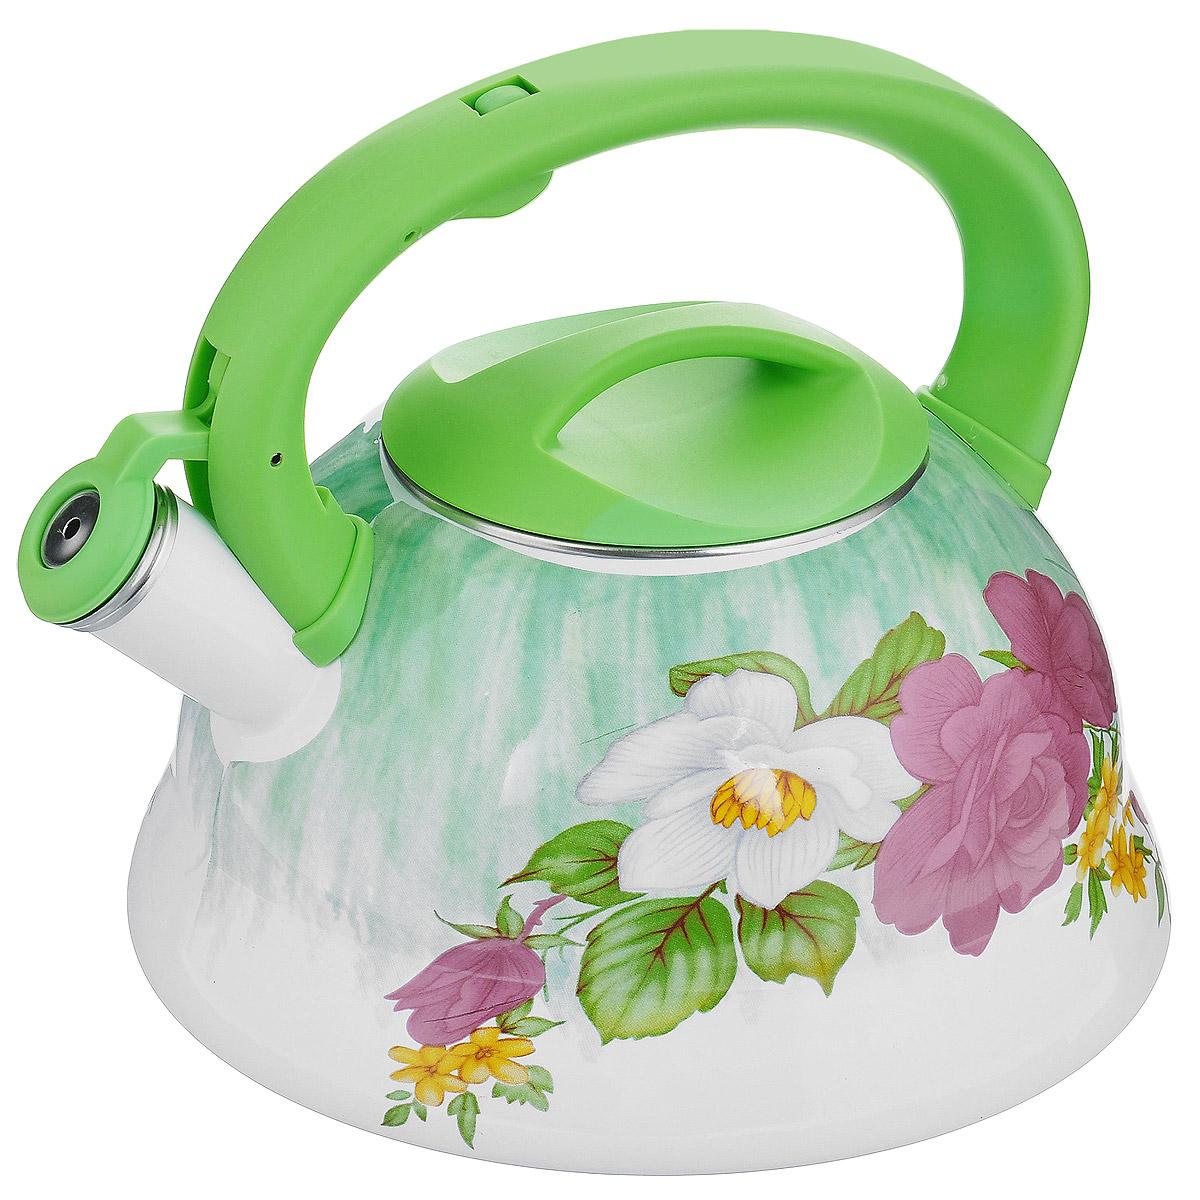 Чайник эмалированный Wellberg Цветы и зелень, со свистком, цвет: белый, салатовый, 3 л. WB-34343434WBЧайник Wellberg изготовлен из высококачественной нержавеющей стали с эмалированным покрытием. Корпус чайника оформлен ярким цветочным рисунком. Эмалированная посуда очень удобна в использовании, она практична и элегантна. За такой посудой легко ухаживать: чистить и мыть. Чайники с эмалированным покрытием обладают неоспоримым преимуществом: гладкая поверхность не впитывает запахи и препятствует размножению бактерий. Чайник оснащен удобной ручкой из высокопрочного пластика. Носик чайника имеет откидной свисток, звуковой сигнал которого подскажет, когда закипит вода. Положение свистка регулируется при помощи кнопки на ручке чайника. Подходит для использования на электрических, галогенных, стеклокерамических, индукционных плитах. Не ставить чайник на открытый огонь.